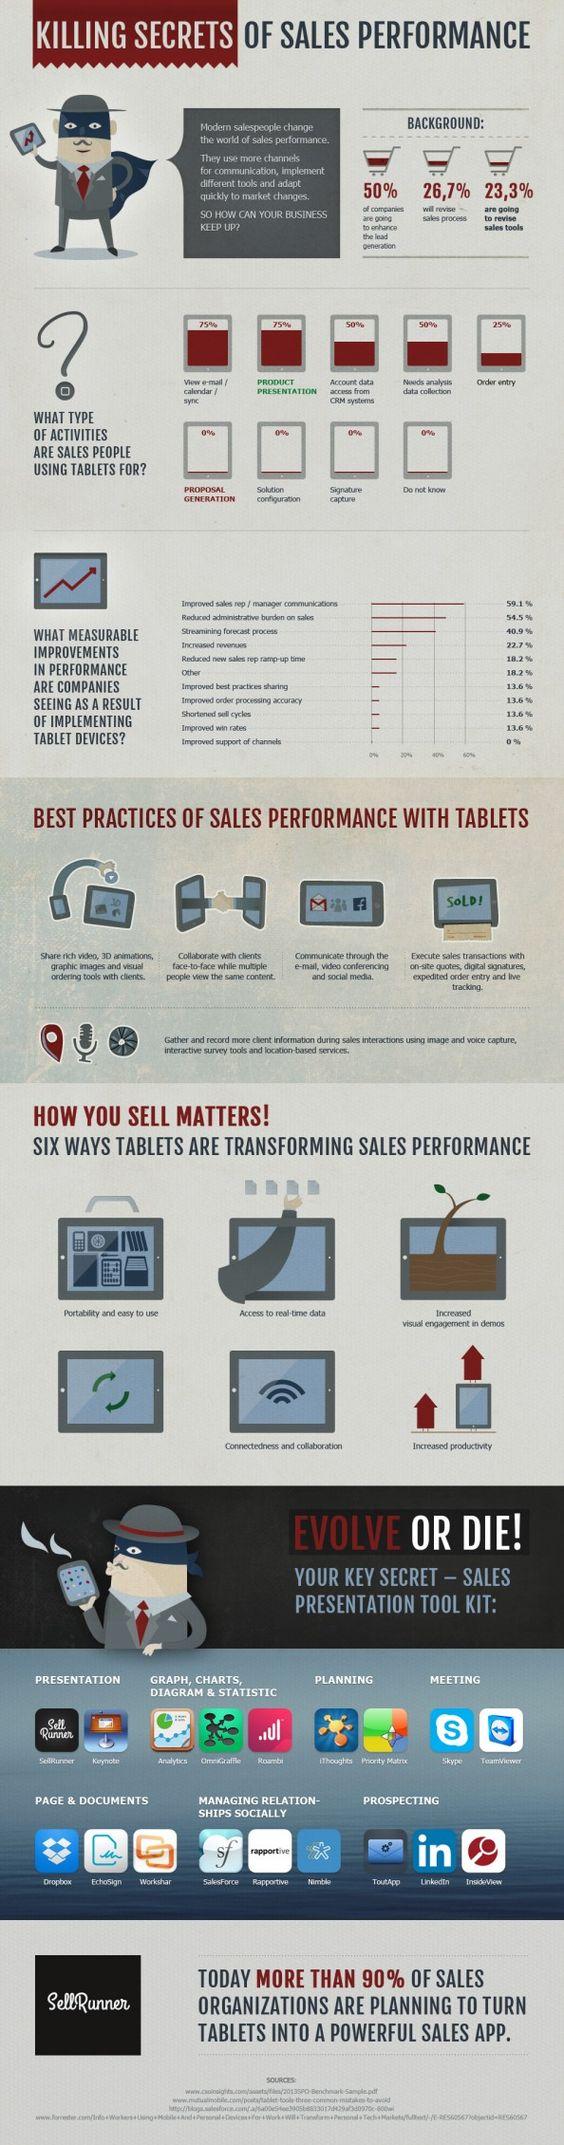 Killing secrets of sales performance Wydajność sprzedawcy w zdigitalizowanym świecie  #sales #mobile #business #infographic #performance #retail